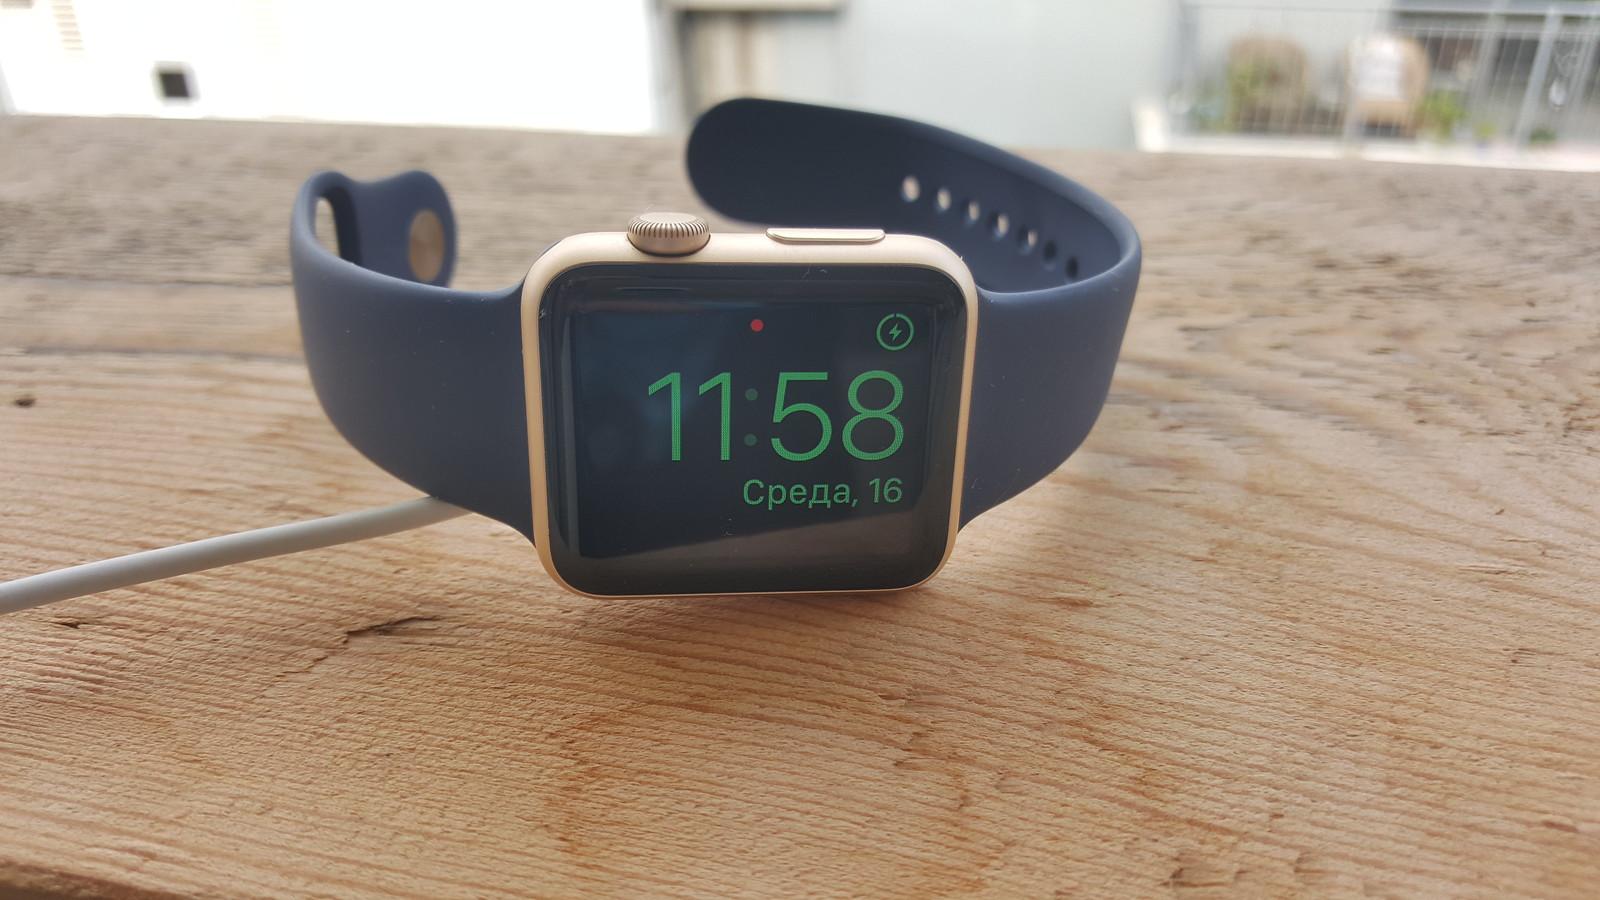 Поскольку первая версия практически любого устройства содержит в себе недоработки и ошибки, я приобрел себе apple watch второй итерации.